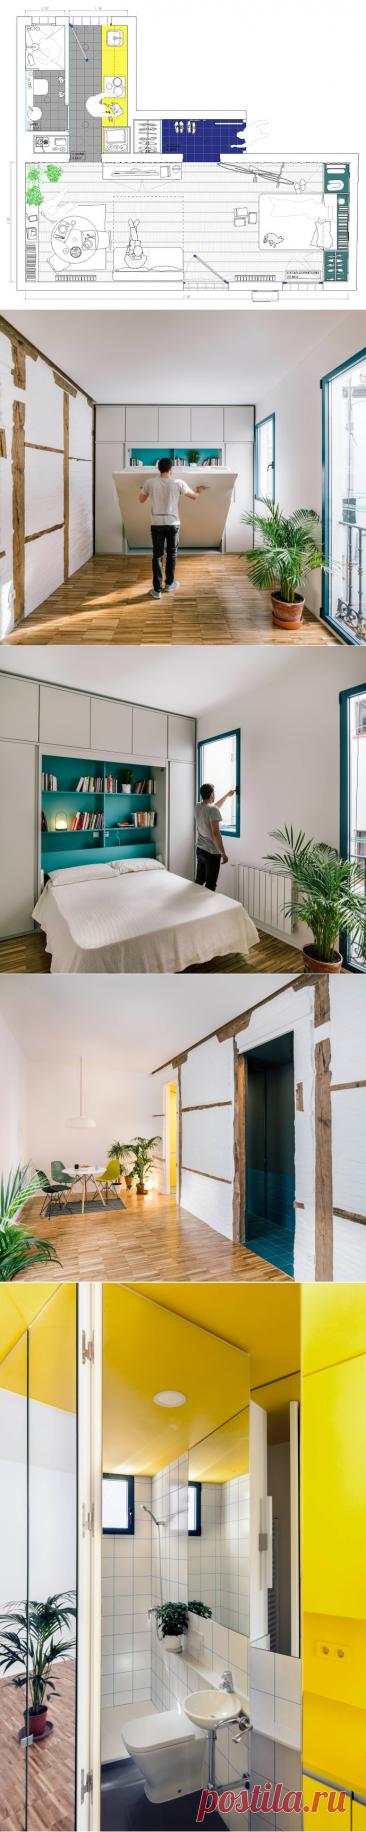 Houzz Испания: Квартира 30 кв.м для молодого человека | Houzz Россия